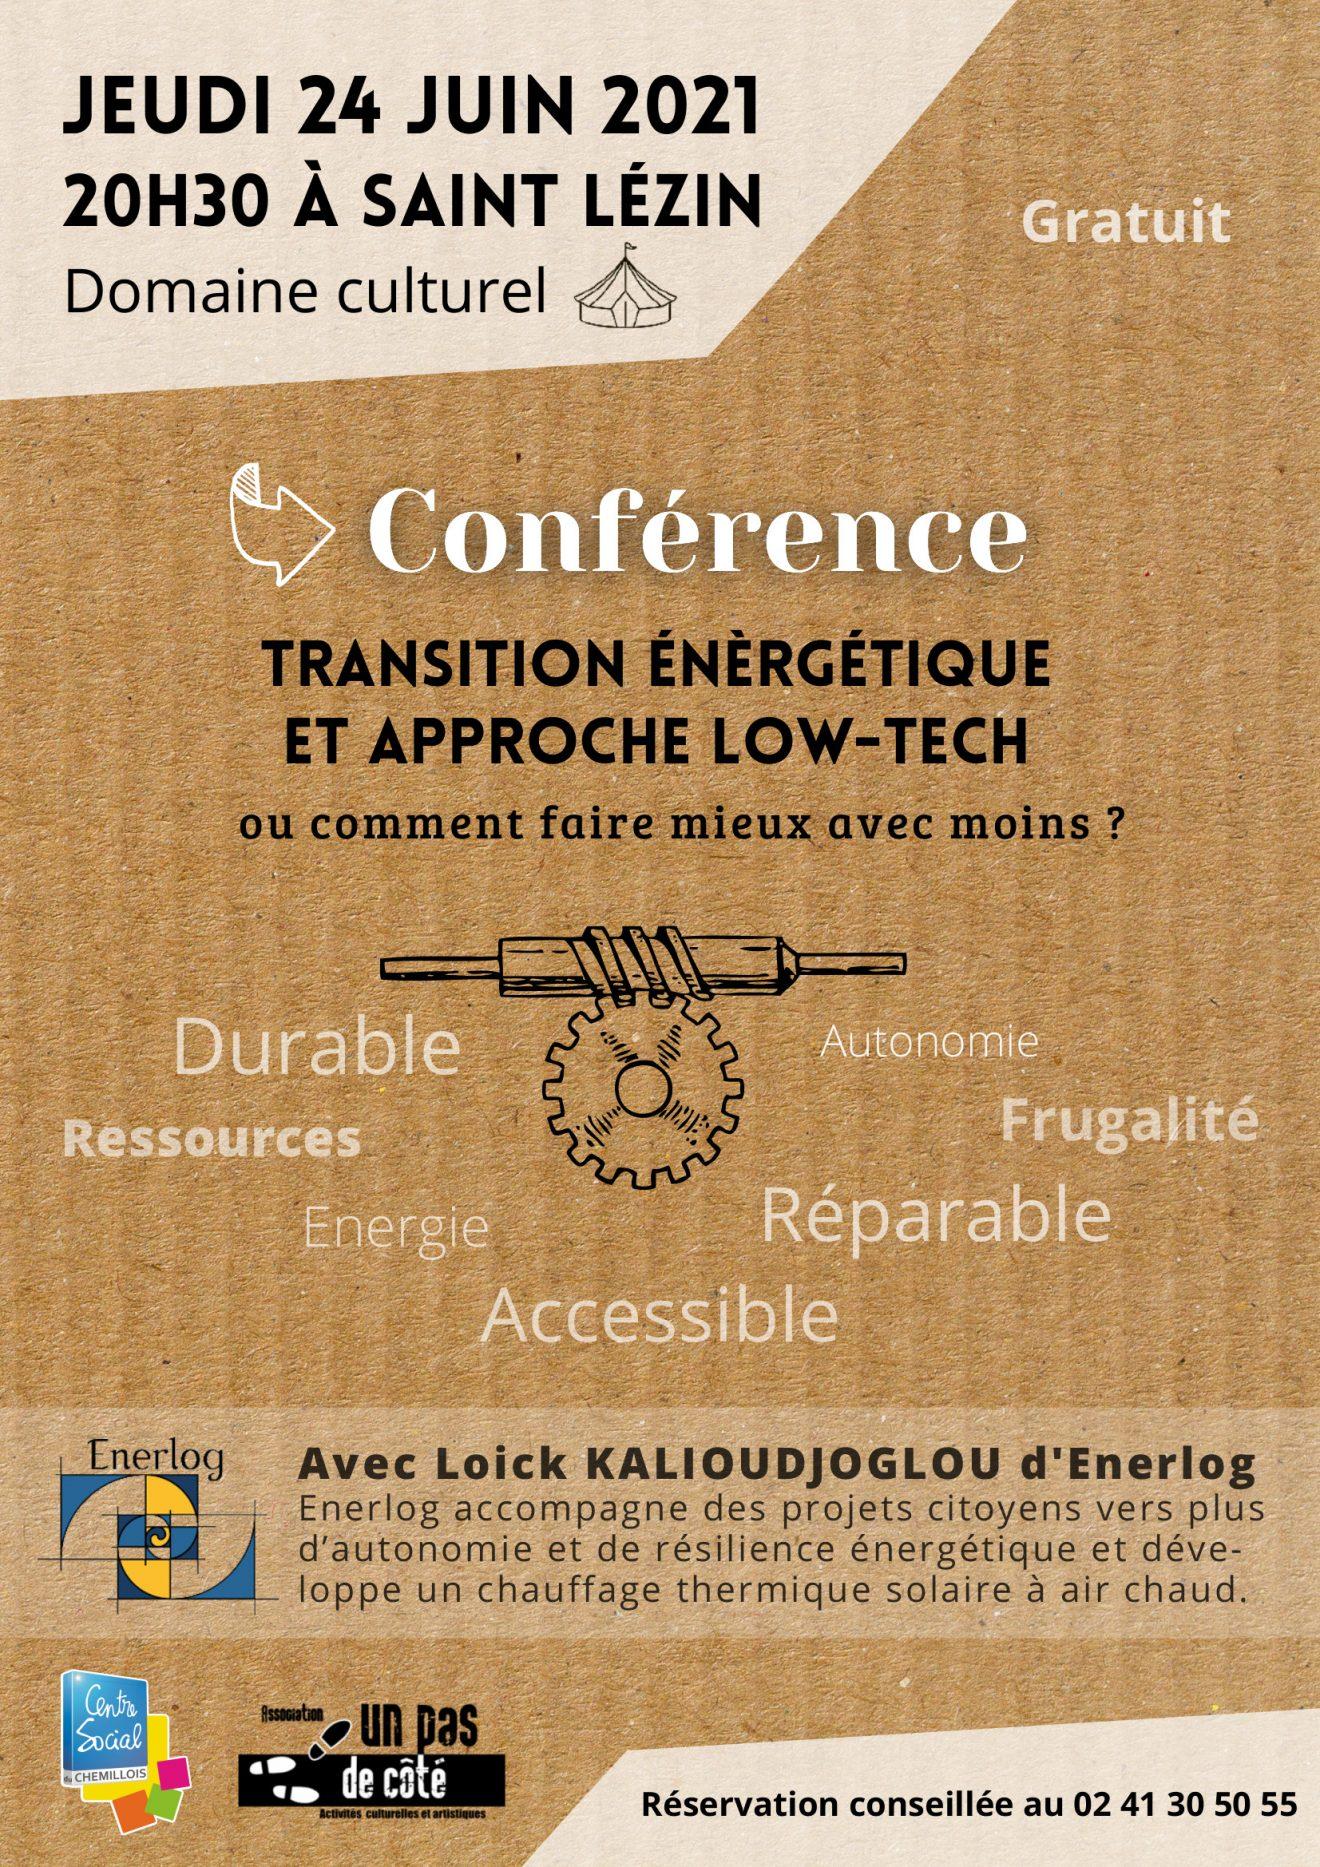 Conférence Jeudi 24 Juin